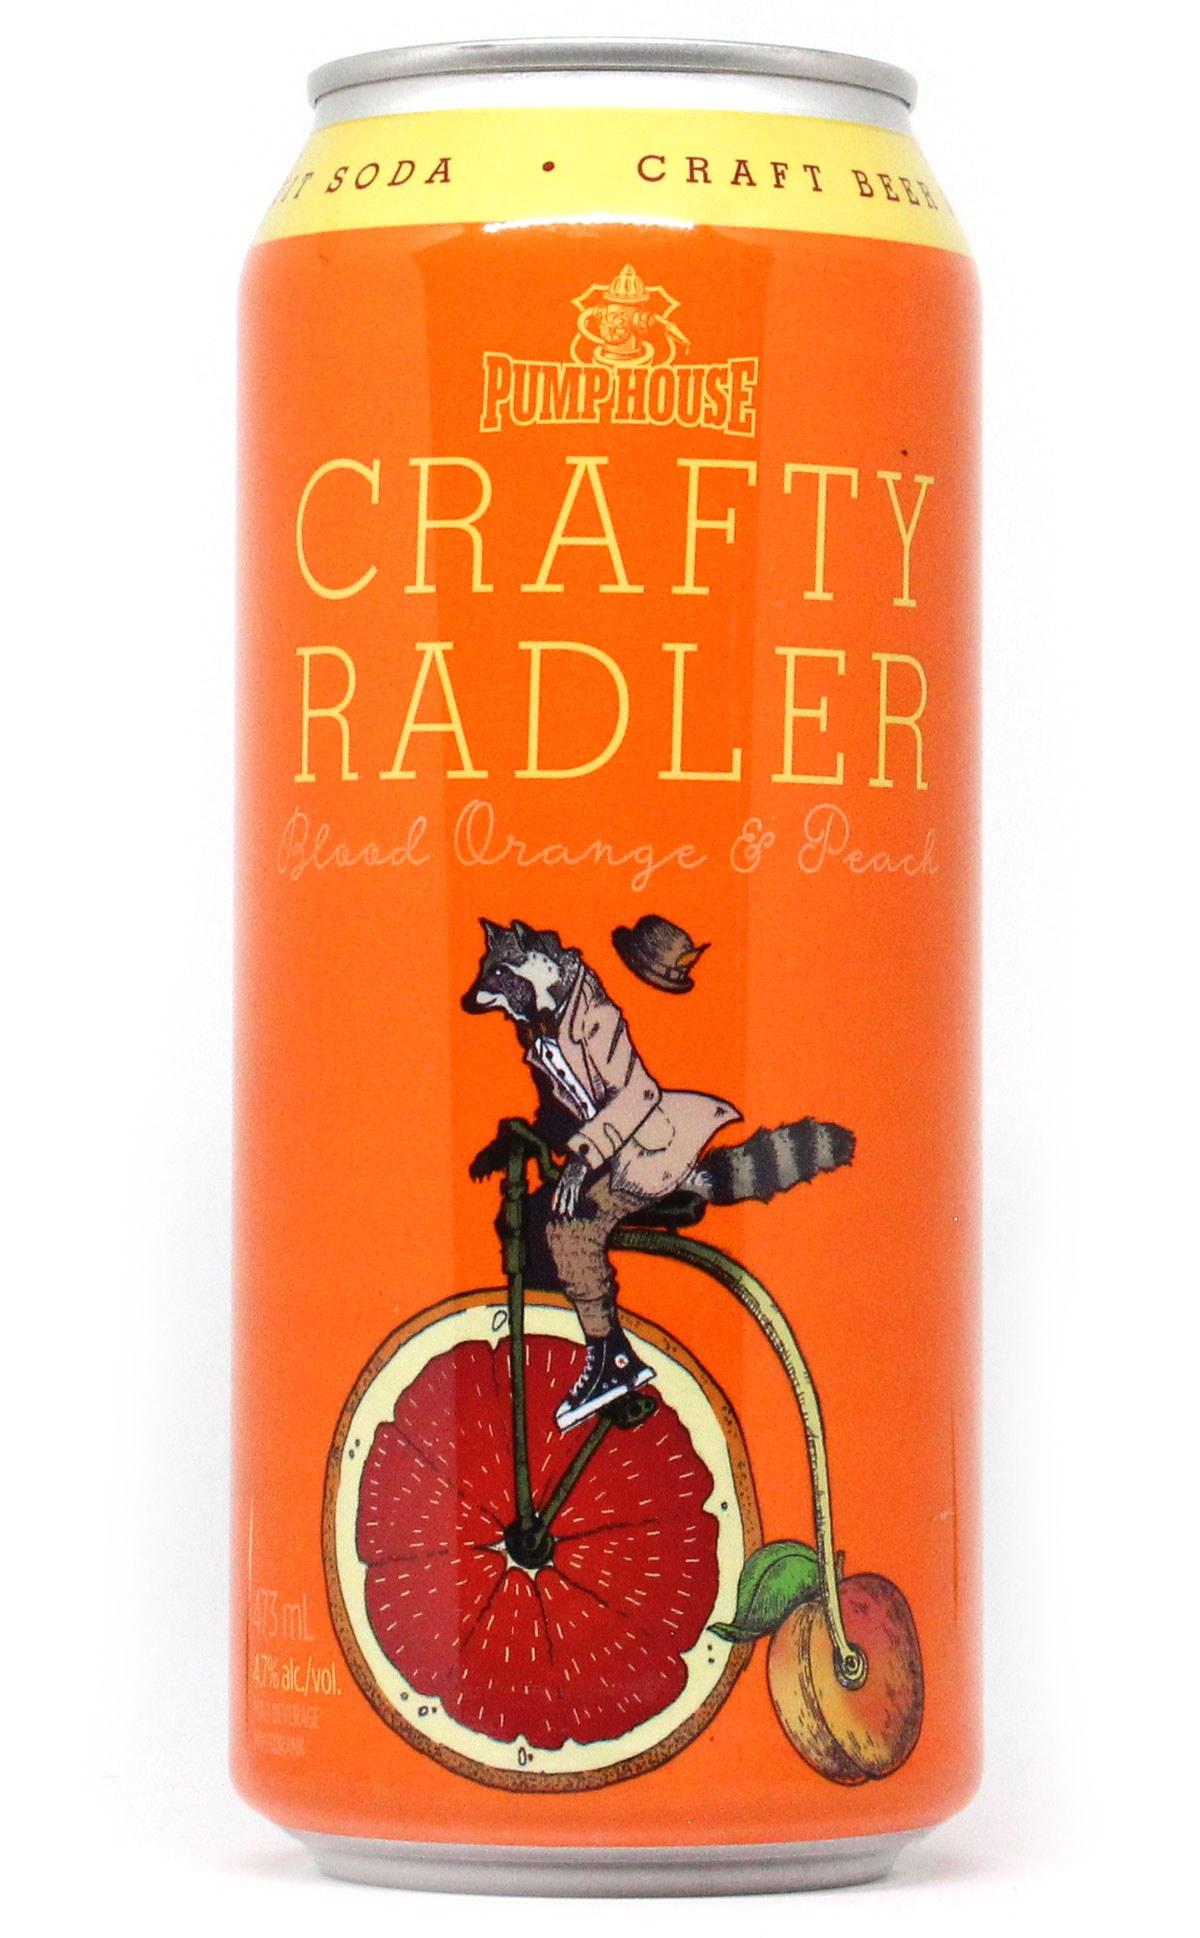 Blood Orange & Peach Crafty Radler